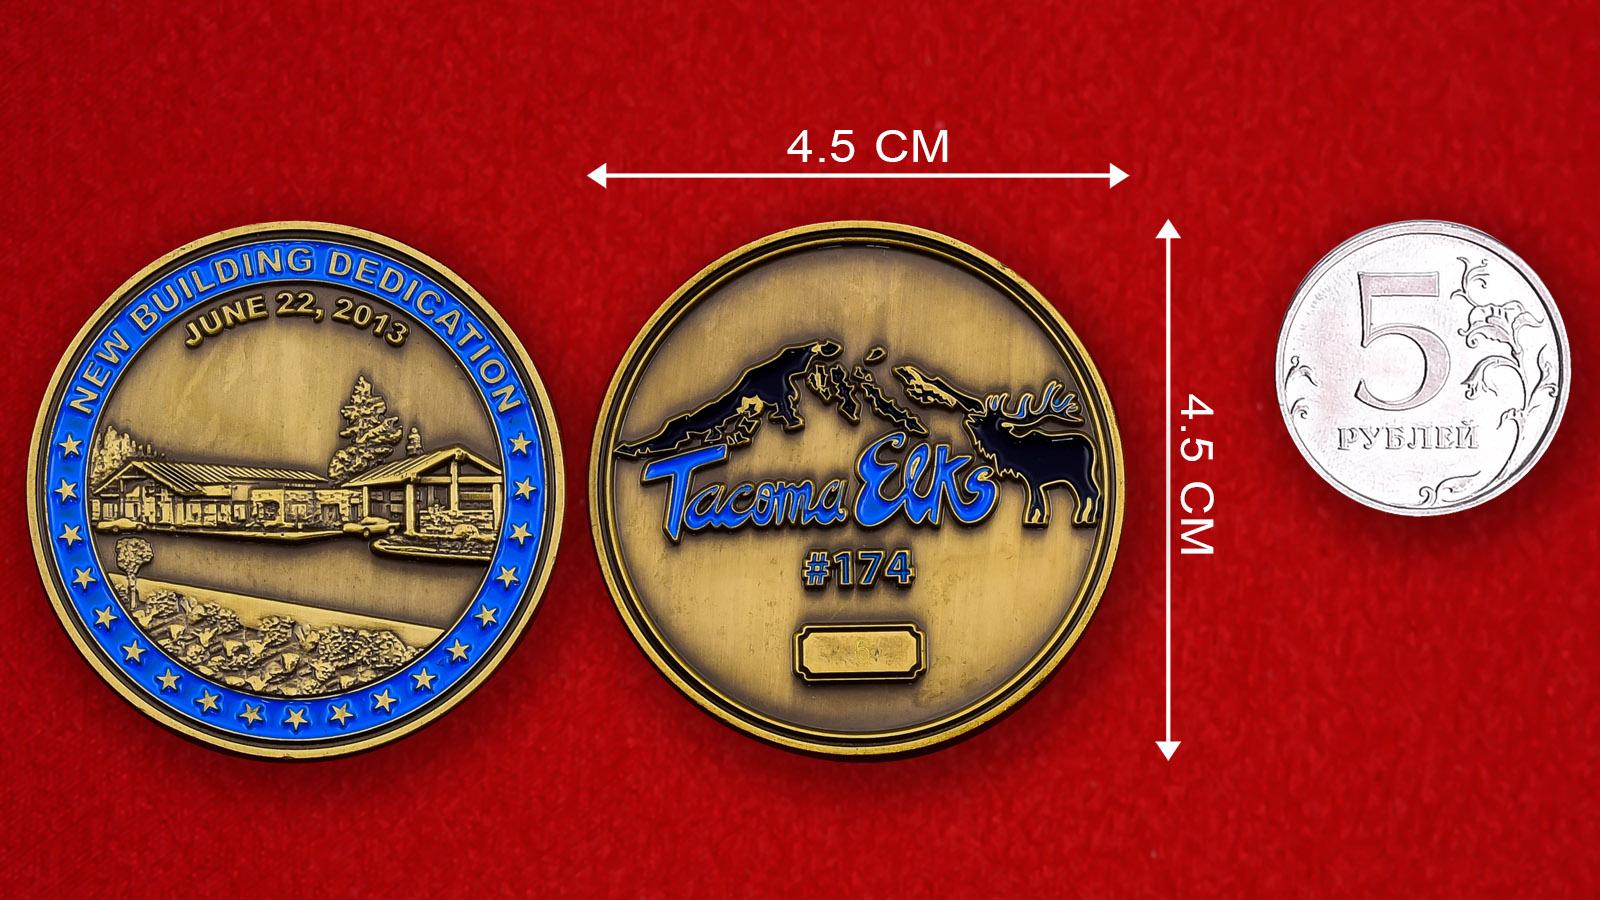 Памятная монета к открытию нового здания клуба Tacoma Elks # 174